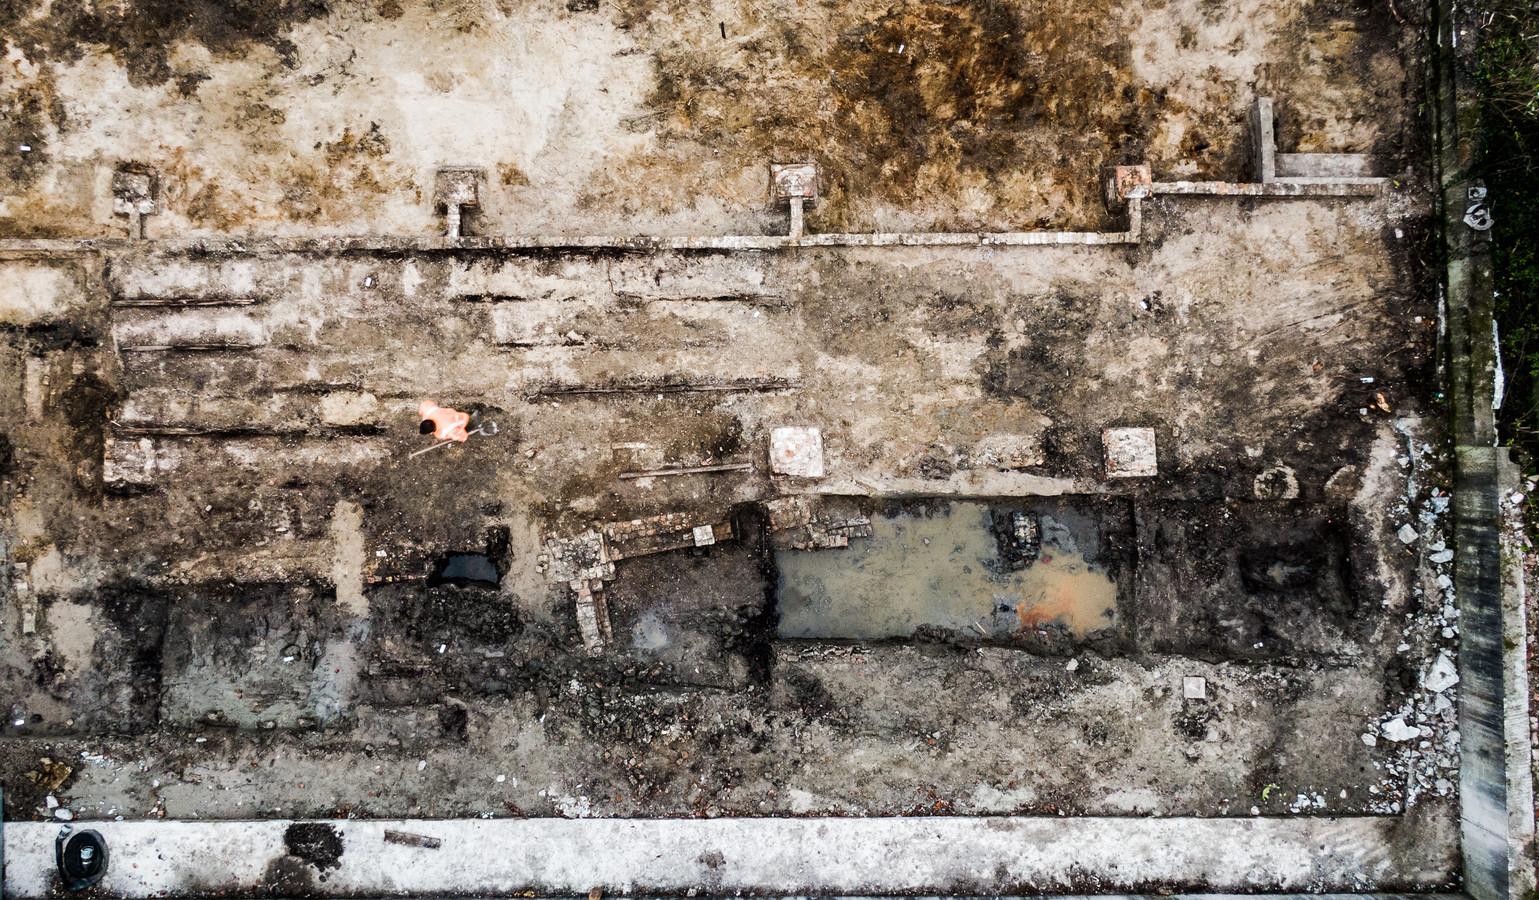 Aan het Schouteneinde in Puttershoek is tijdens sloopwerkzaamheden een fundering ontdekt van een schuur uit mogelijk de 17e eeuw.